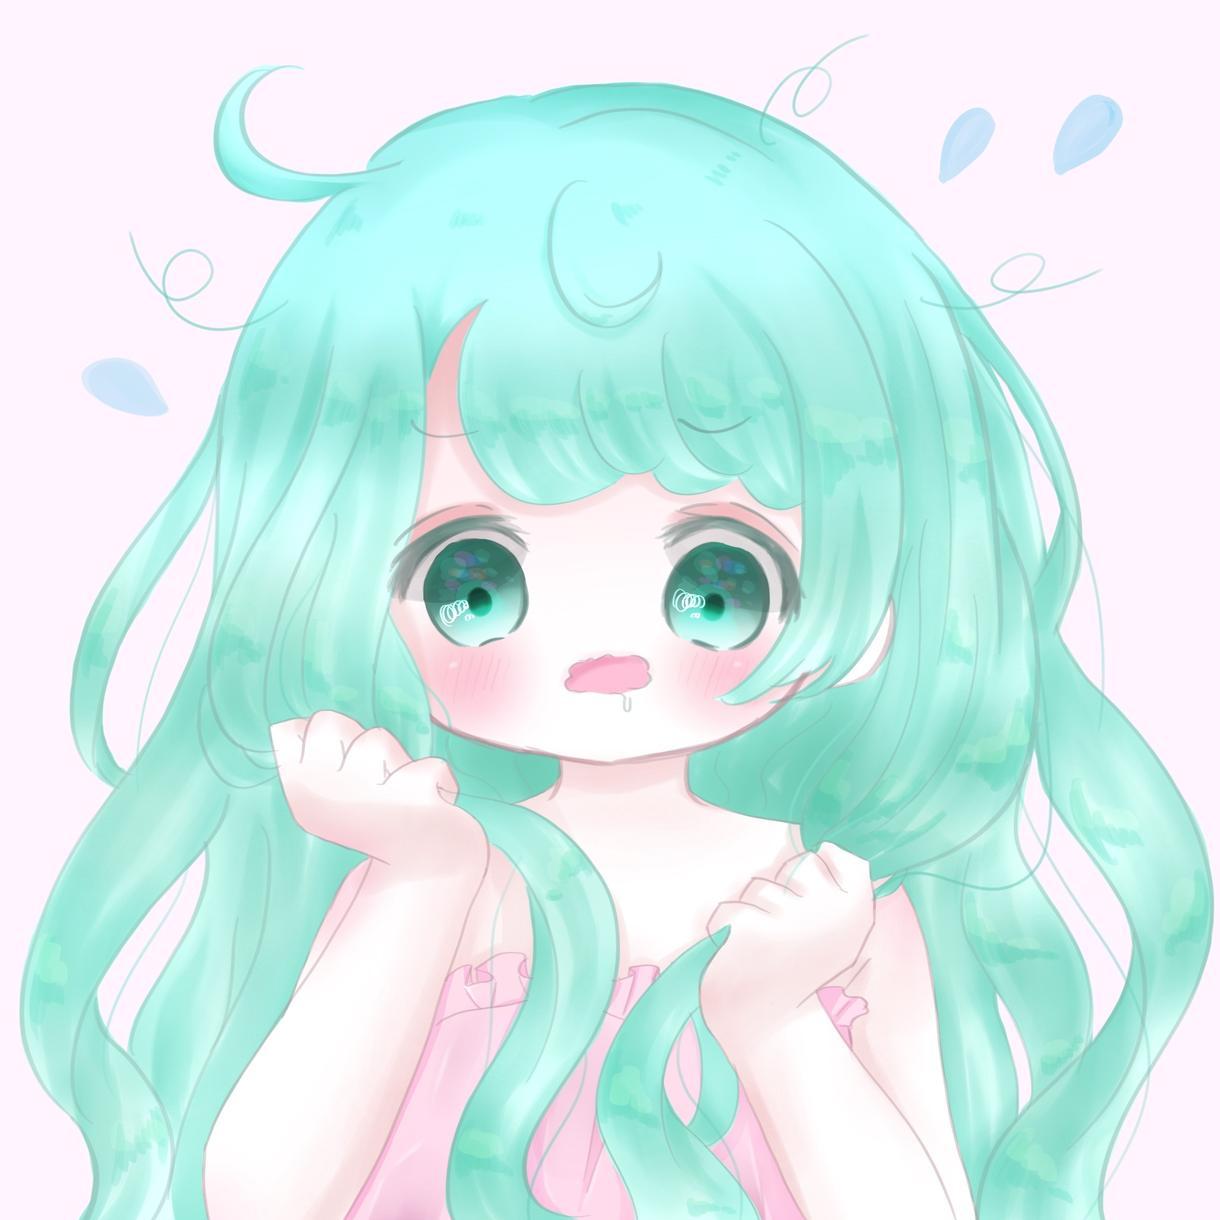 ゆるふわかわいい女の子お描きします SNSのアイコンなどに使えます!!